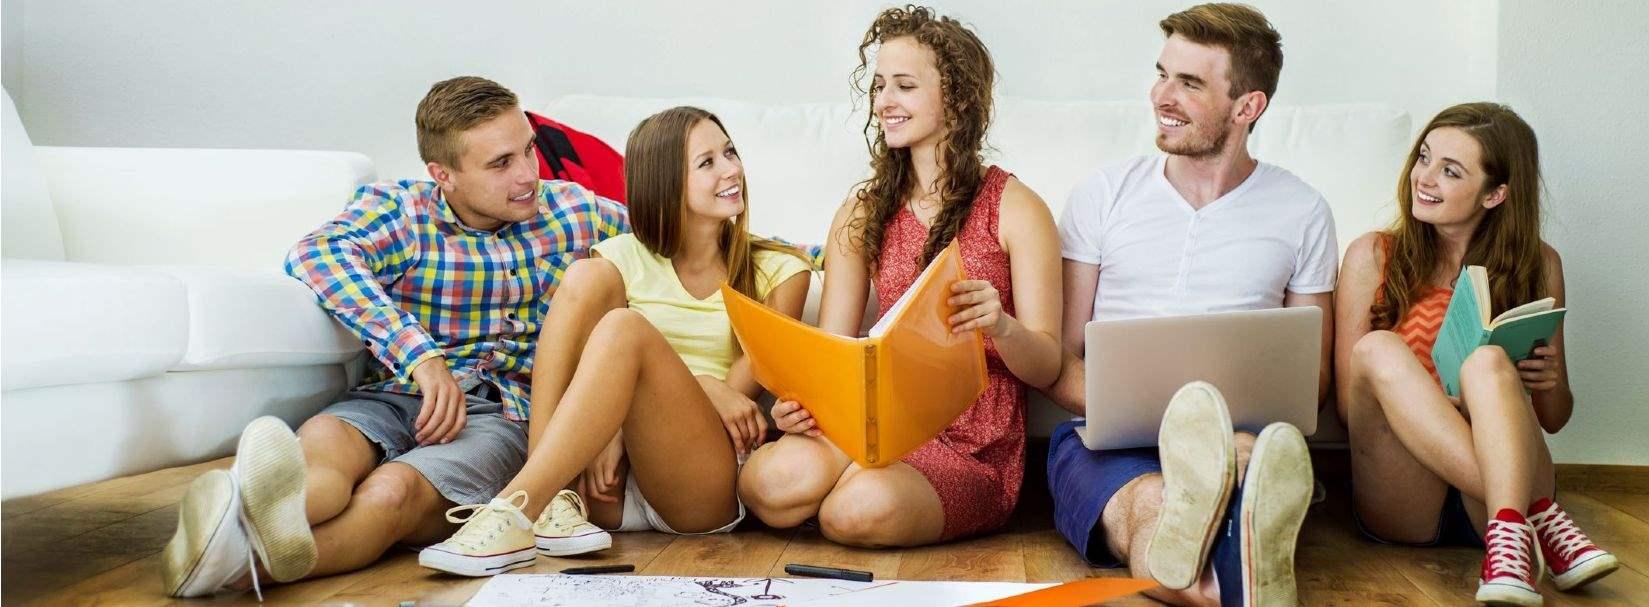 Luxus - Probleme am Markt für studentisches Wohnen